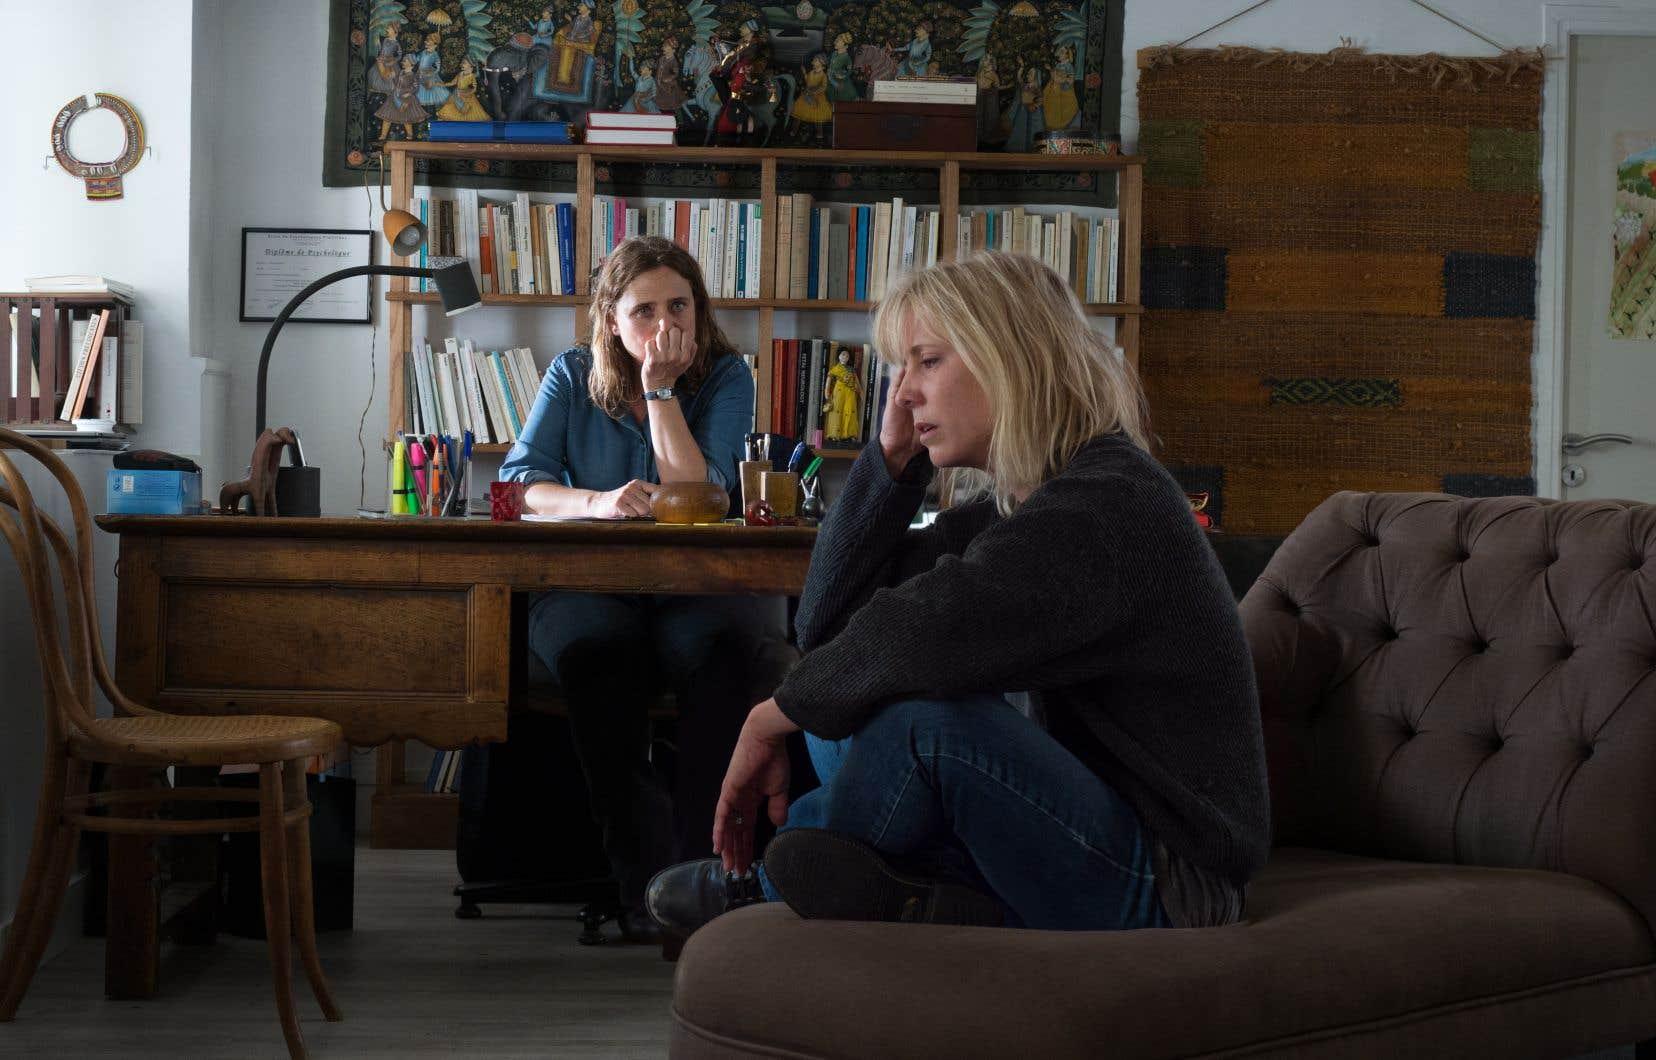 Tout s'emboîte d'une manière plutôt classique lorsqu'Odette (Andréa Bescond) débarque  en trombe  dans le  bureau d'une psychologue (Carole Franck), lui balançant tout ce qu'elle s'empêche  de dire depuis des années.